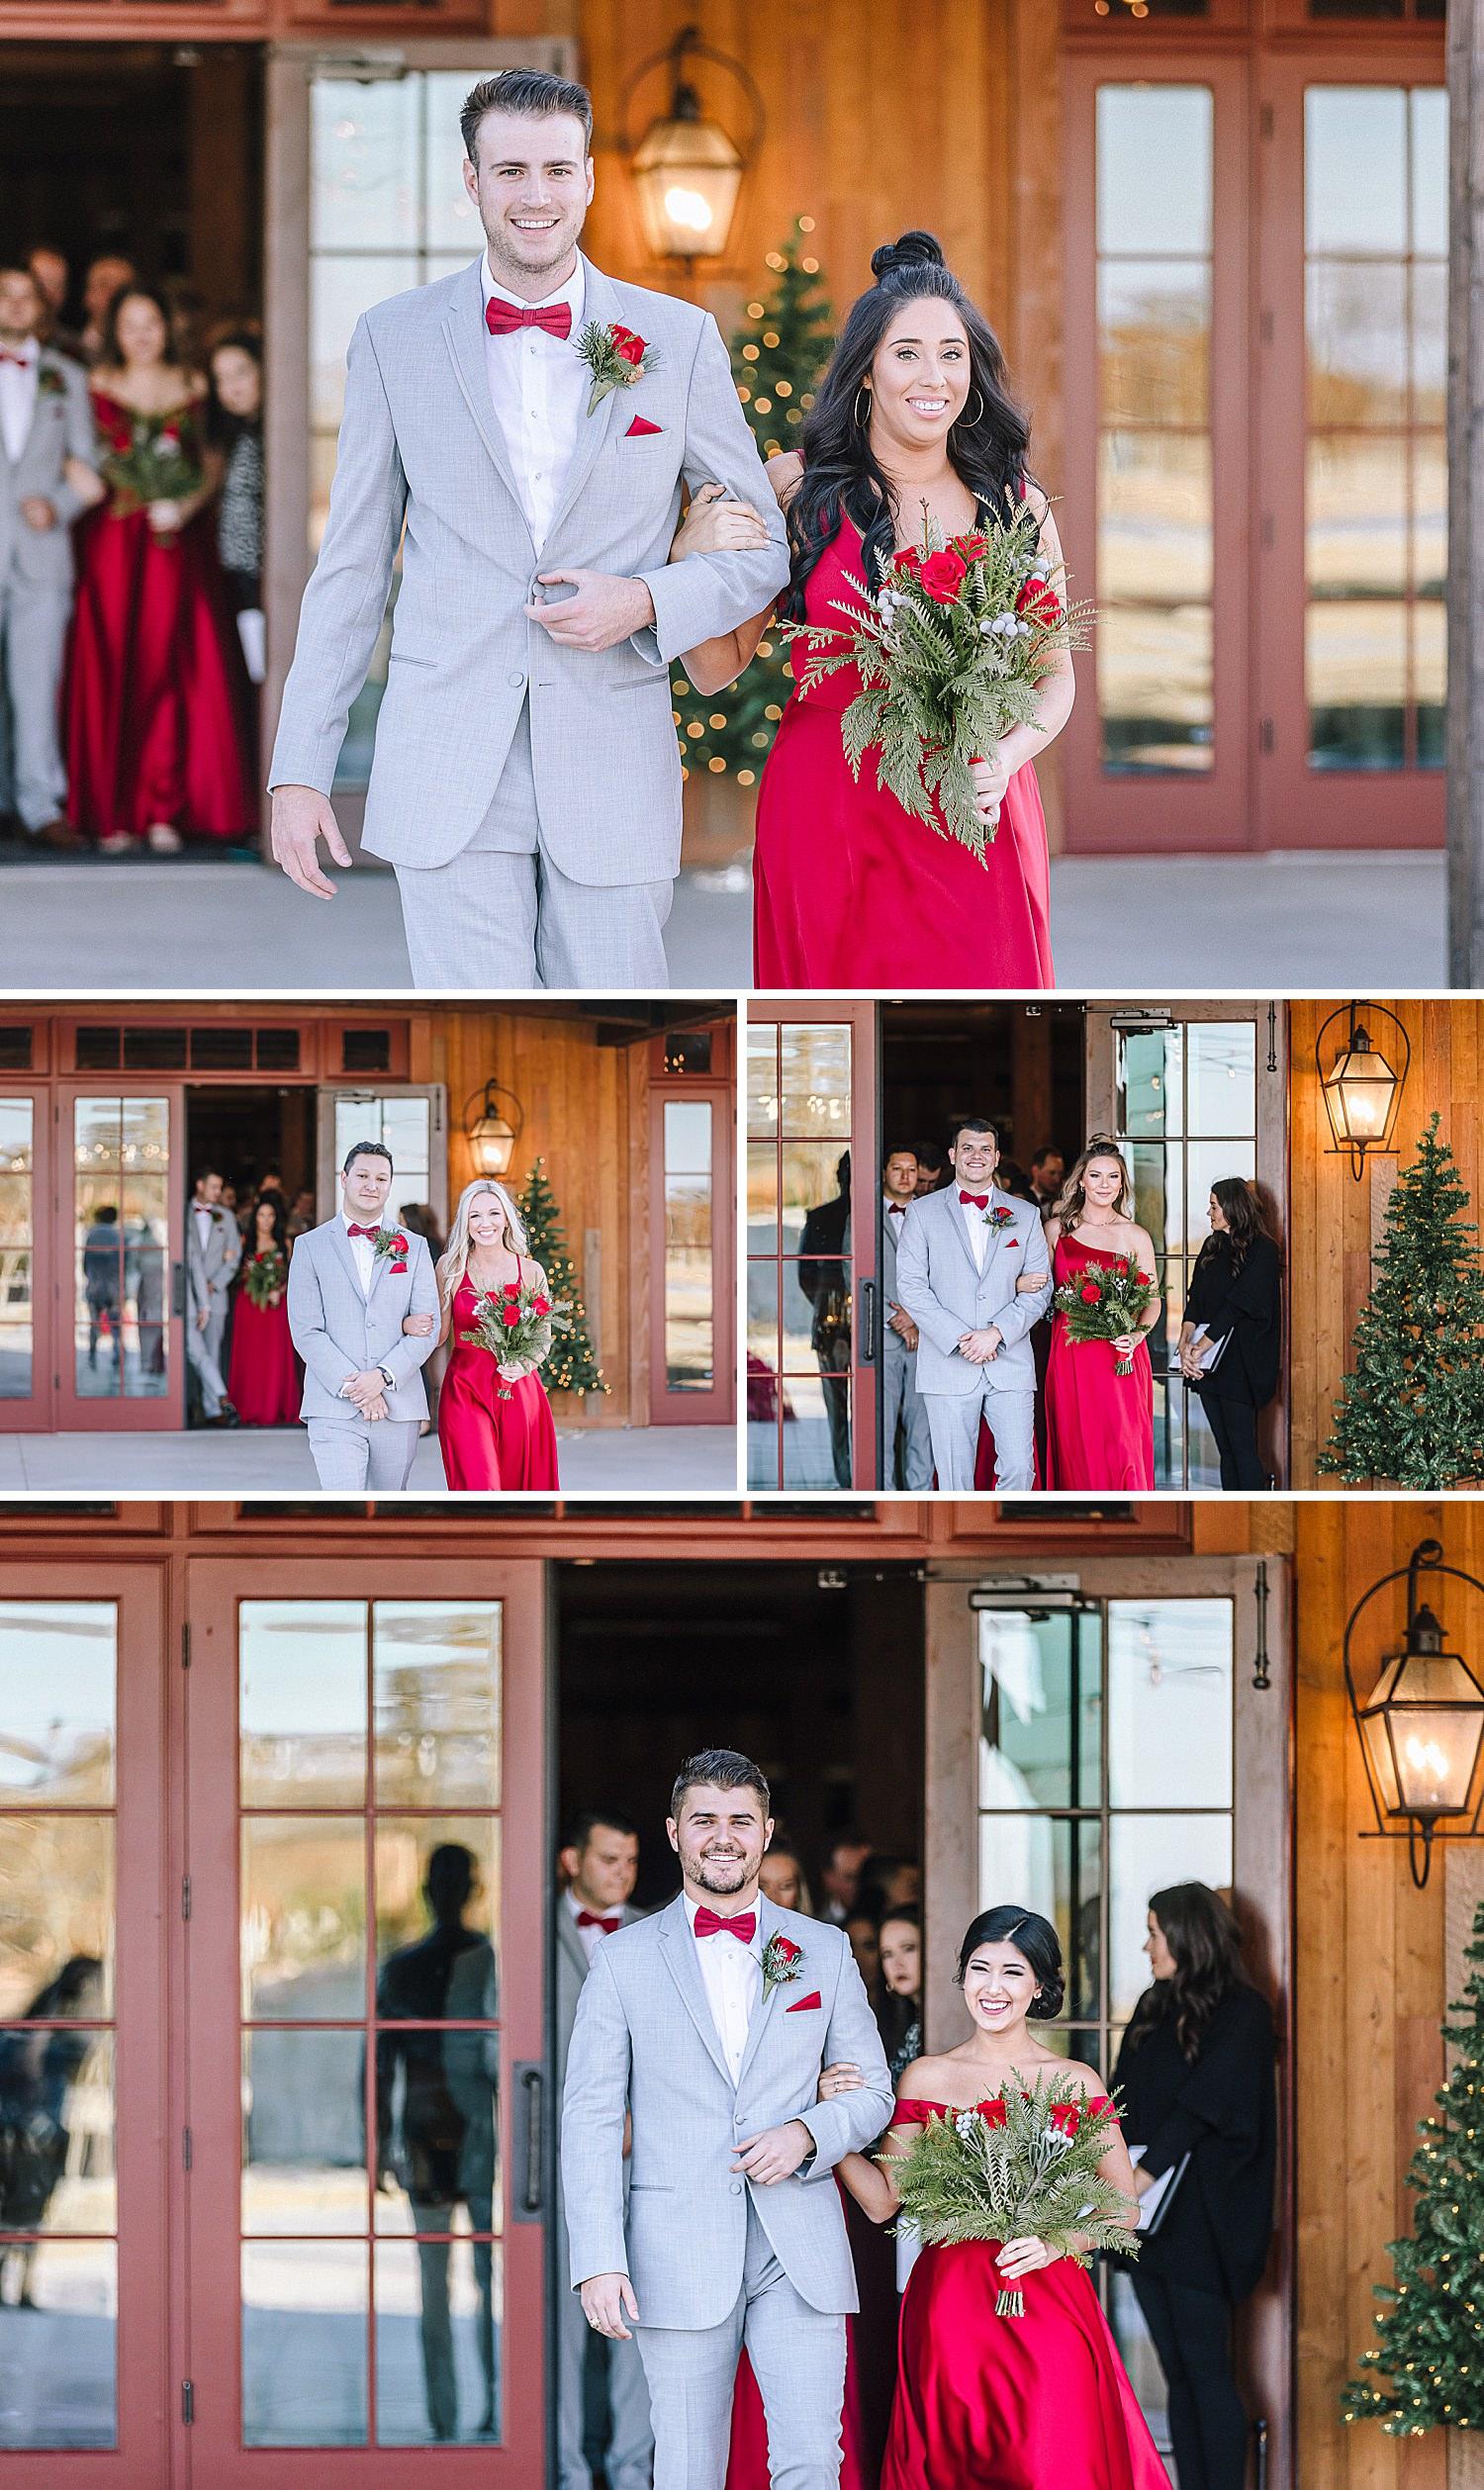 College-Station-Aggie-Wedding-The-Weinberg-at-Wixon-Valley-Christmas-Hallmark-Wedding_0046.jpg